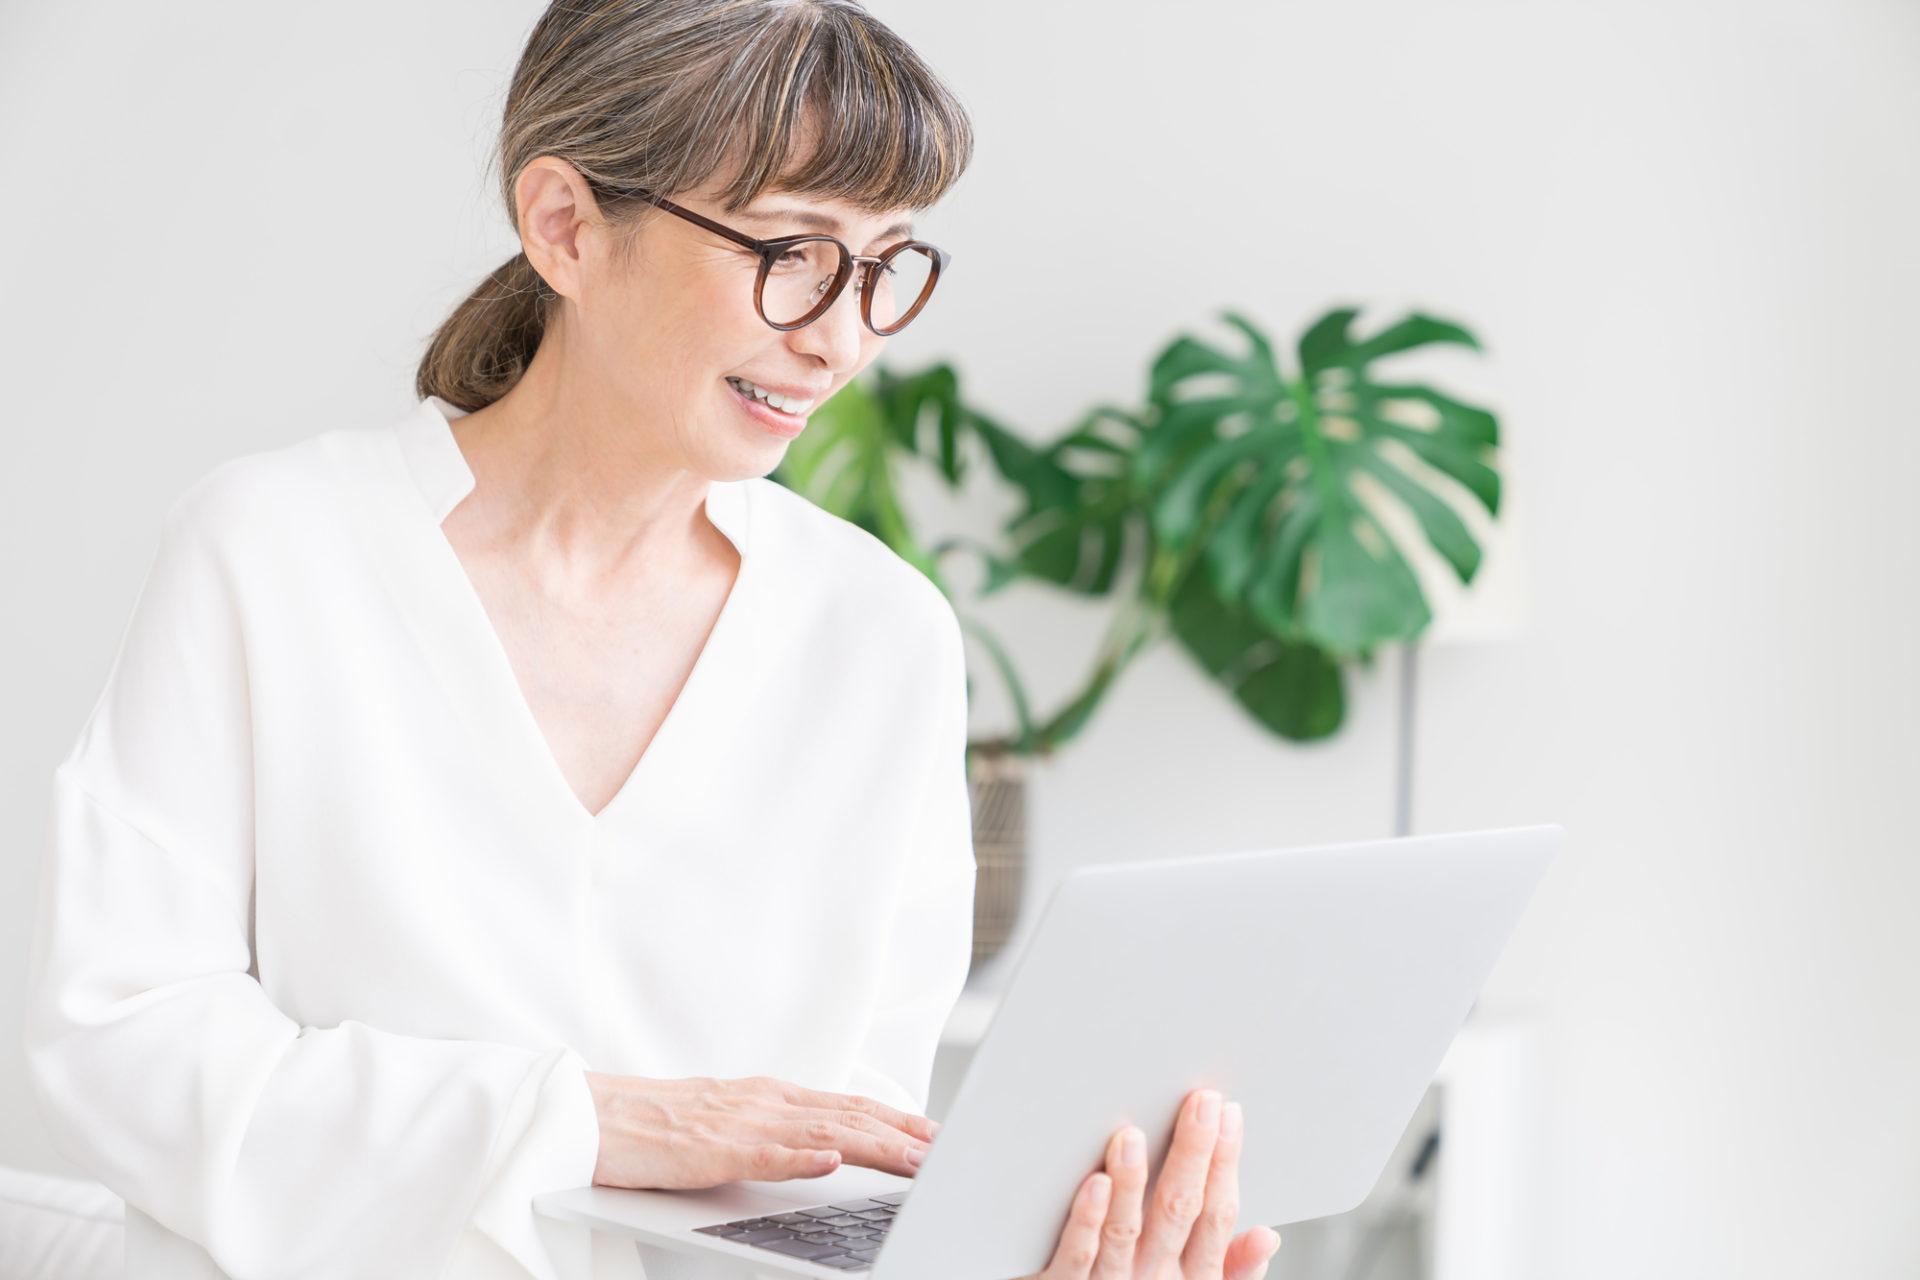 プログラミングを勉強する女性